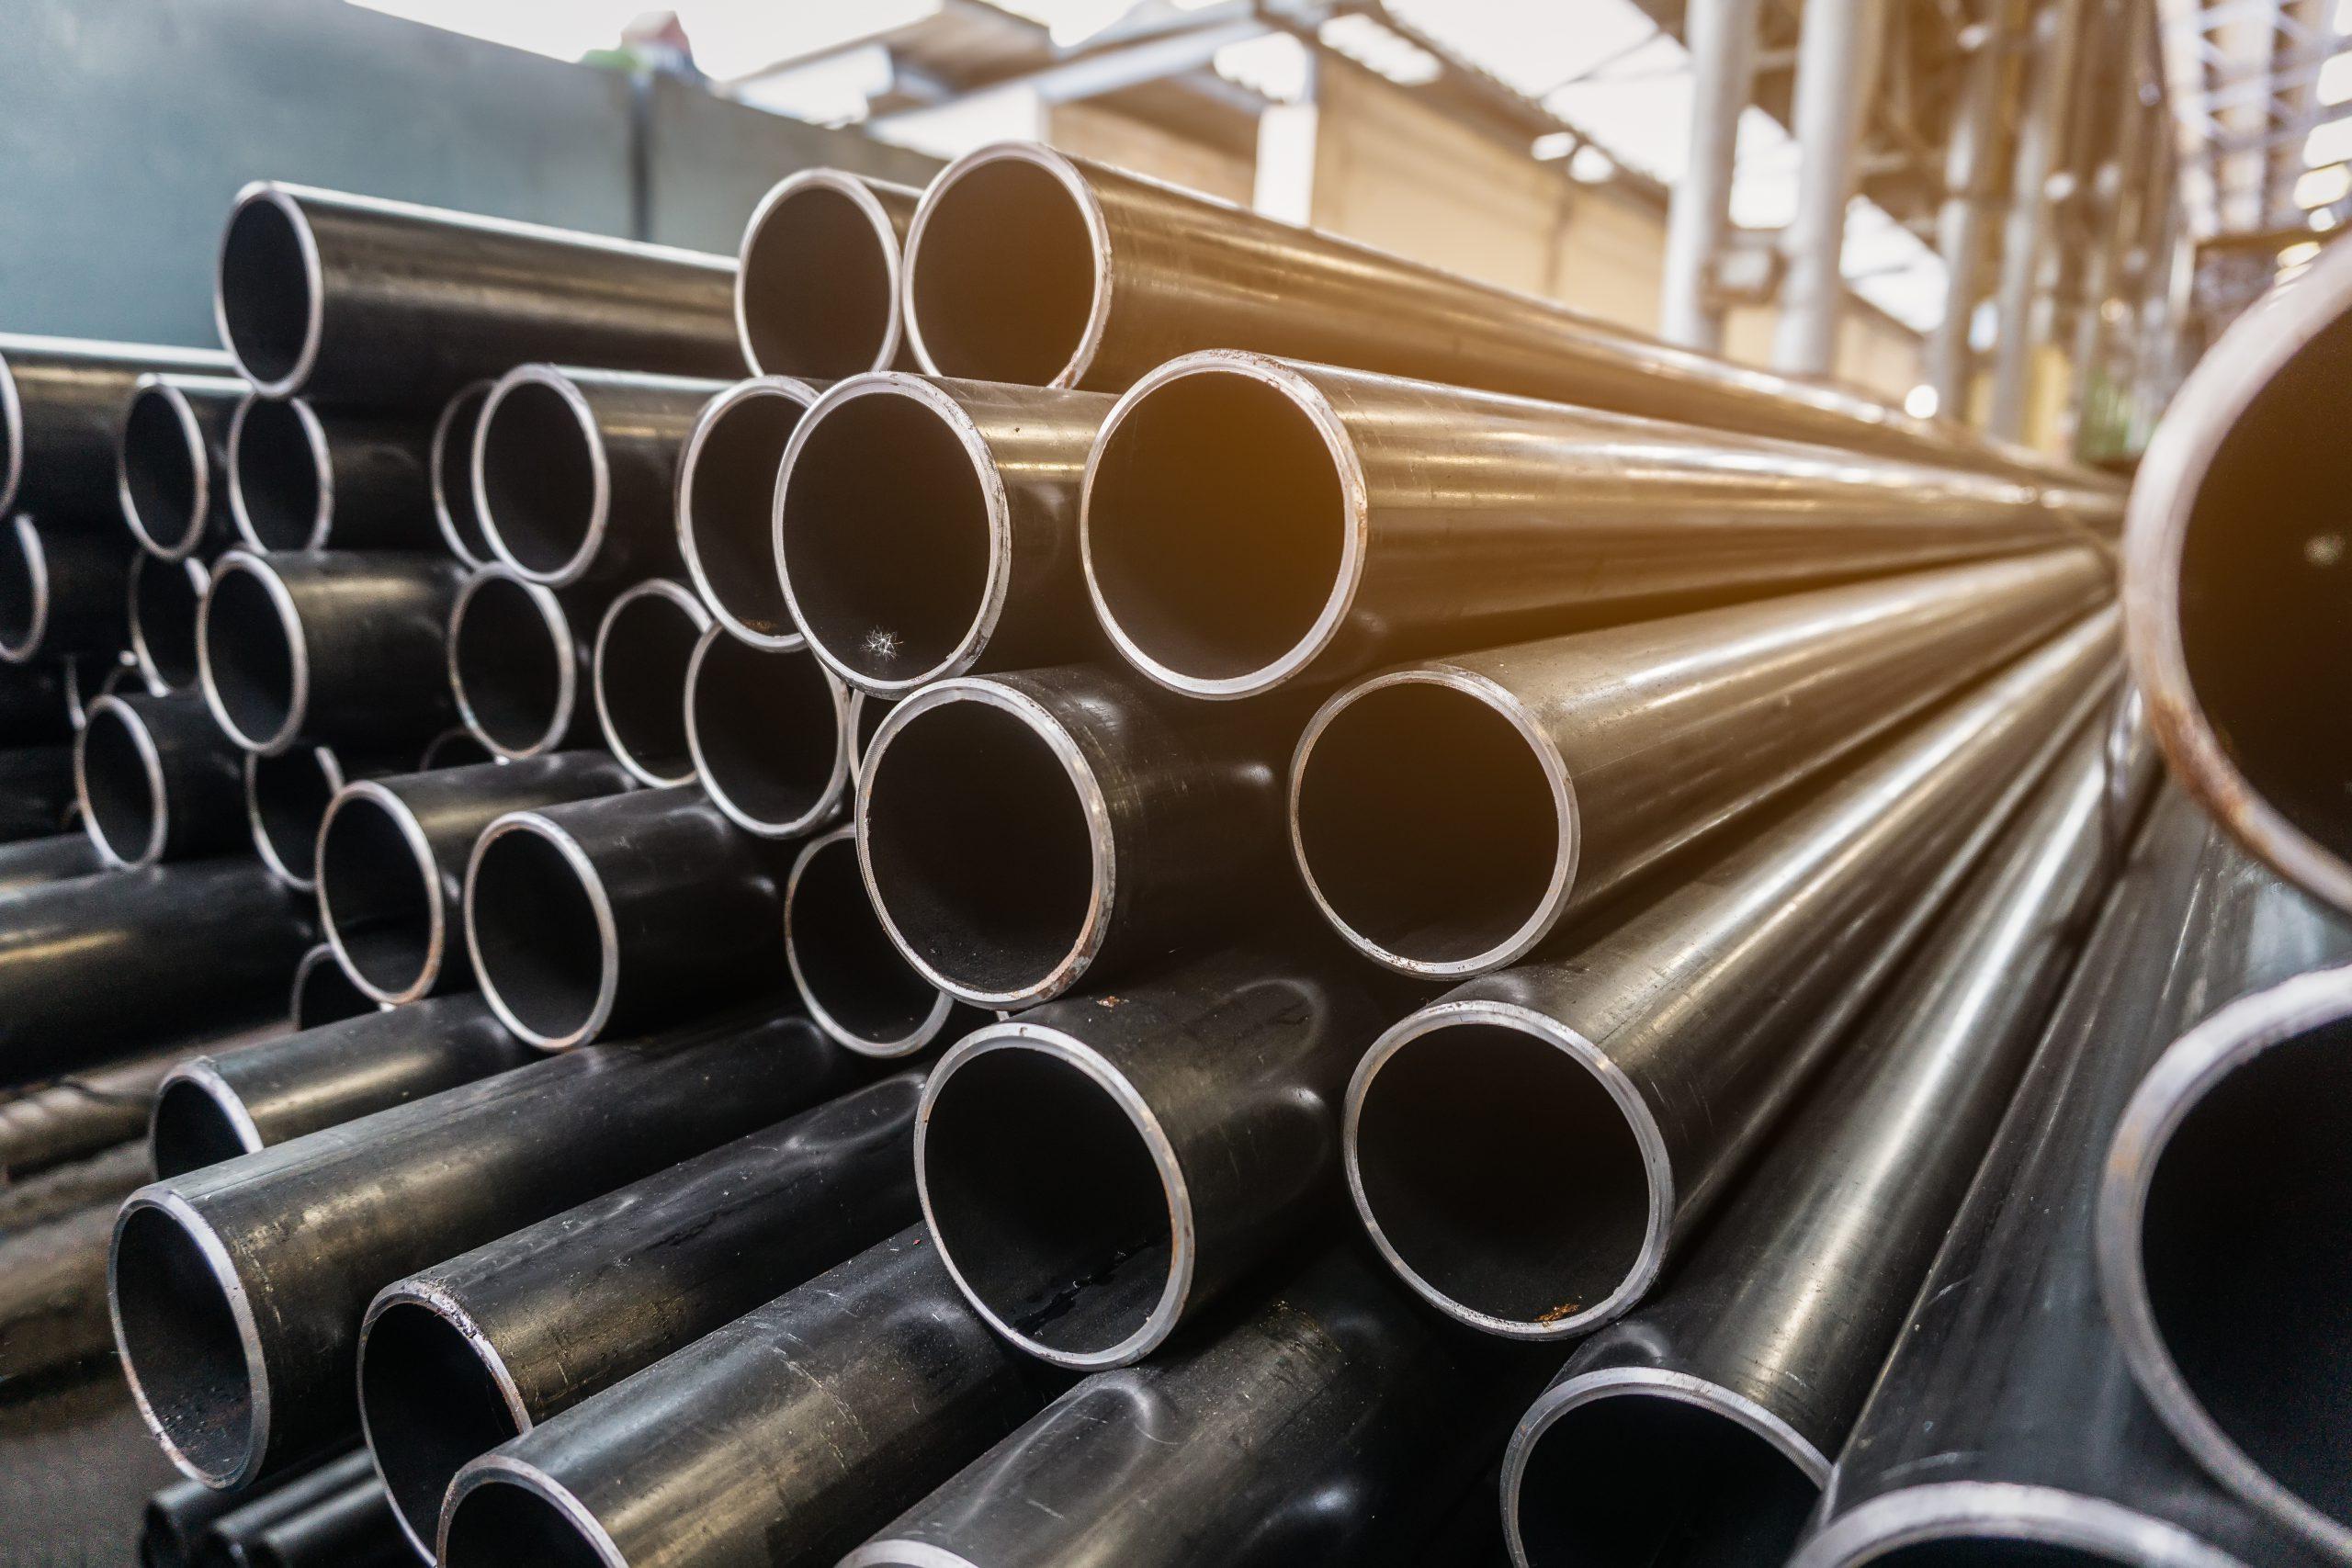 Tubos e estruturas em aço, como construir em menos tempo e com mais segurança